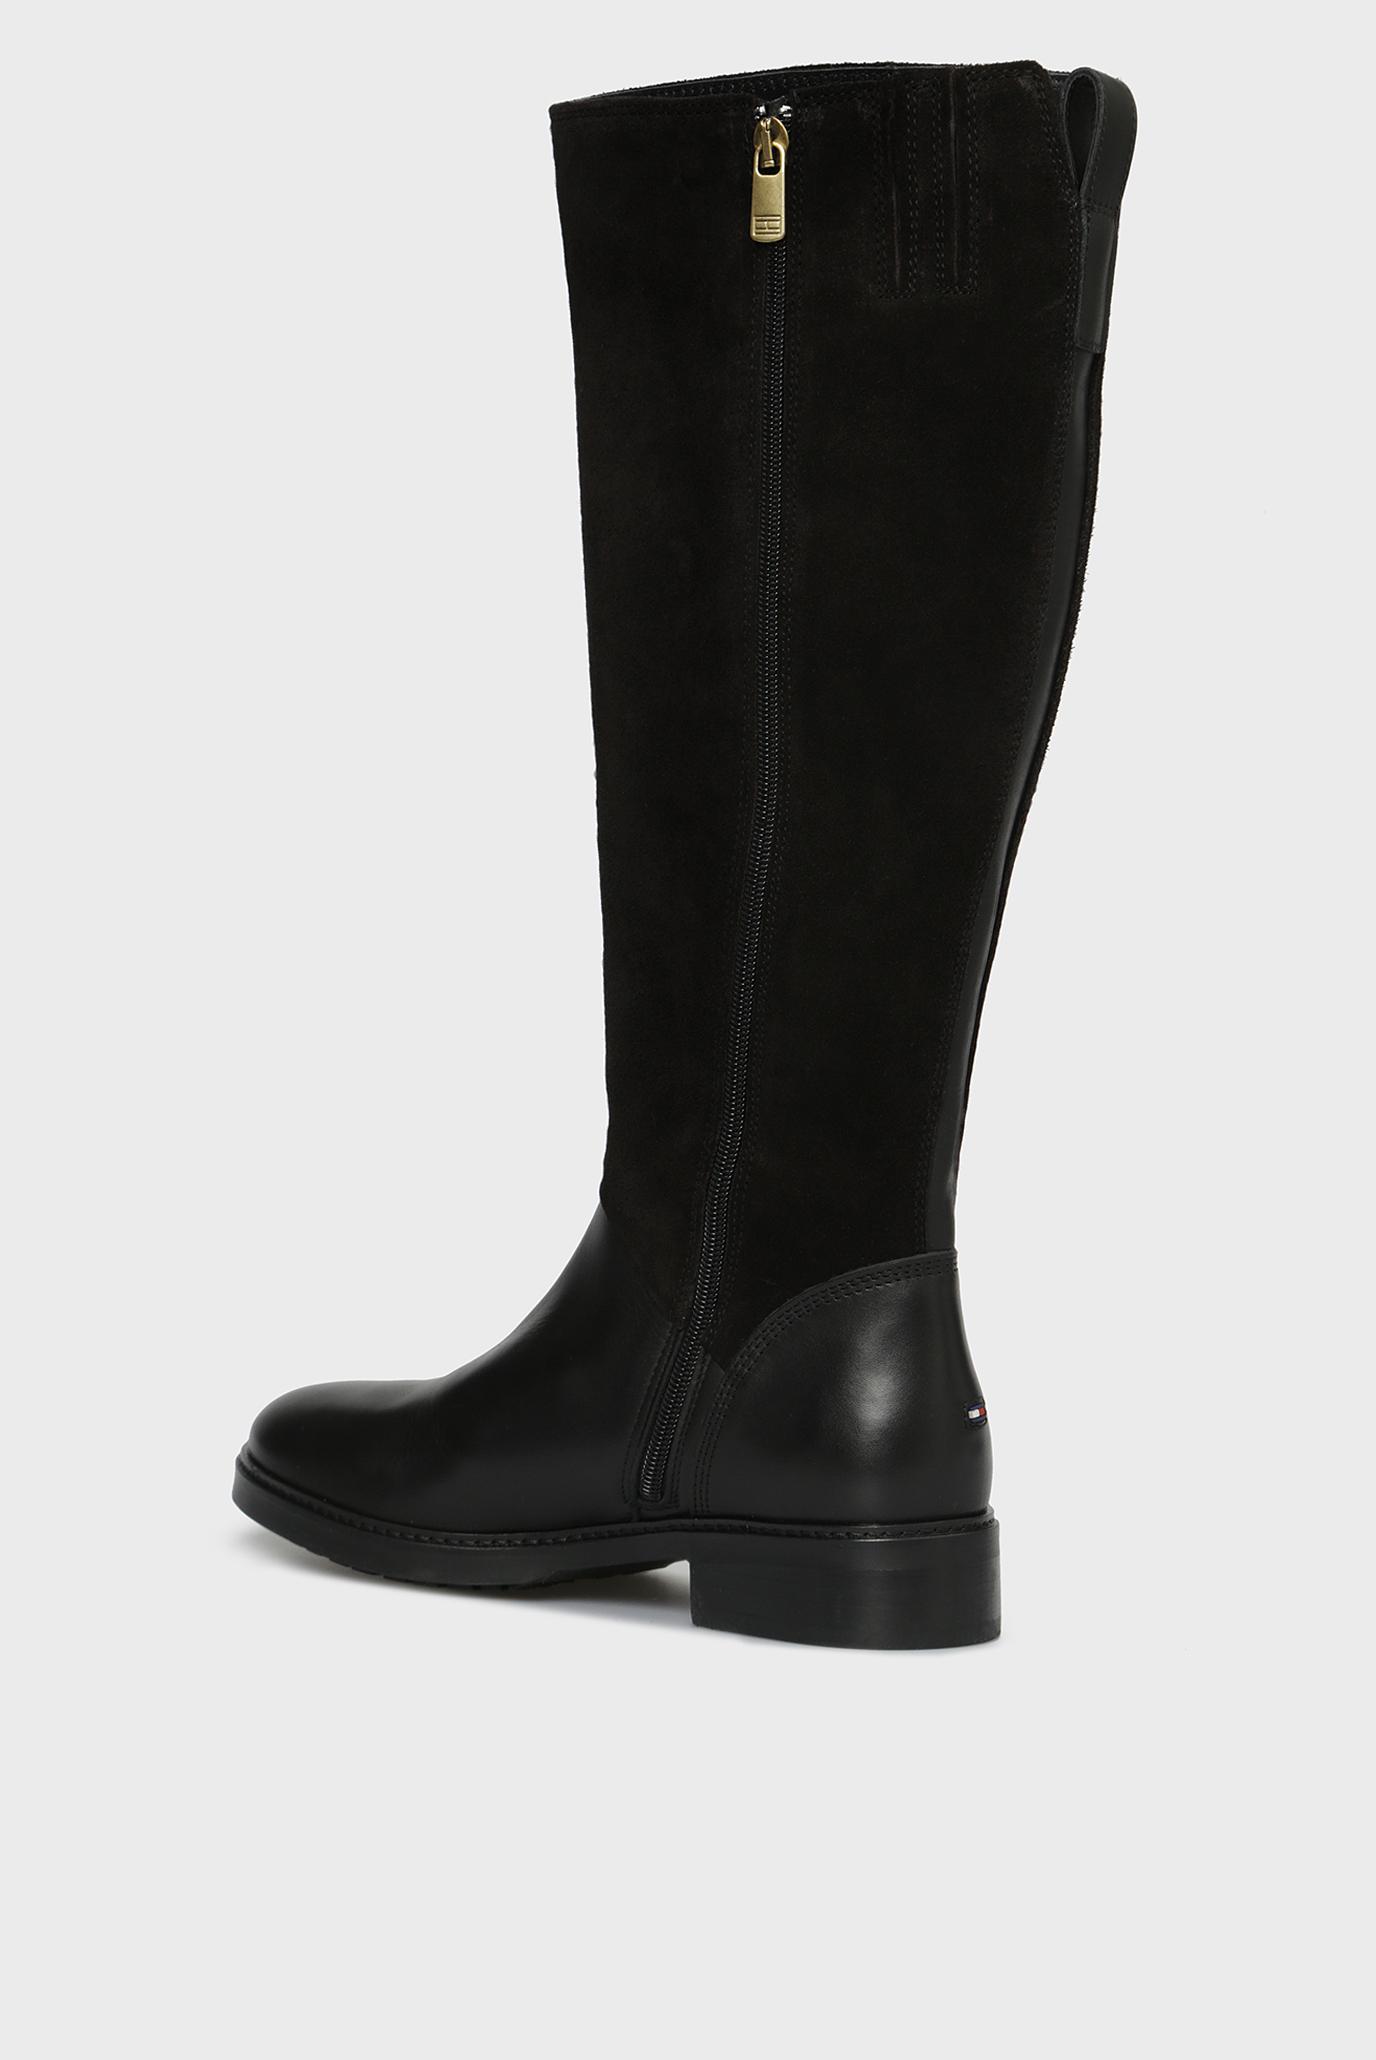 Купить Женские черные кожаные сапоги BASIC TH RIDING BOOT SUEDE MIX Tommy Hilfiger Tommy Hilfiger FW0FW03450 – Киев, Украина. Цены в интернет магазине MD Fashion